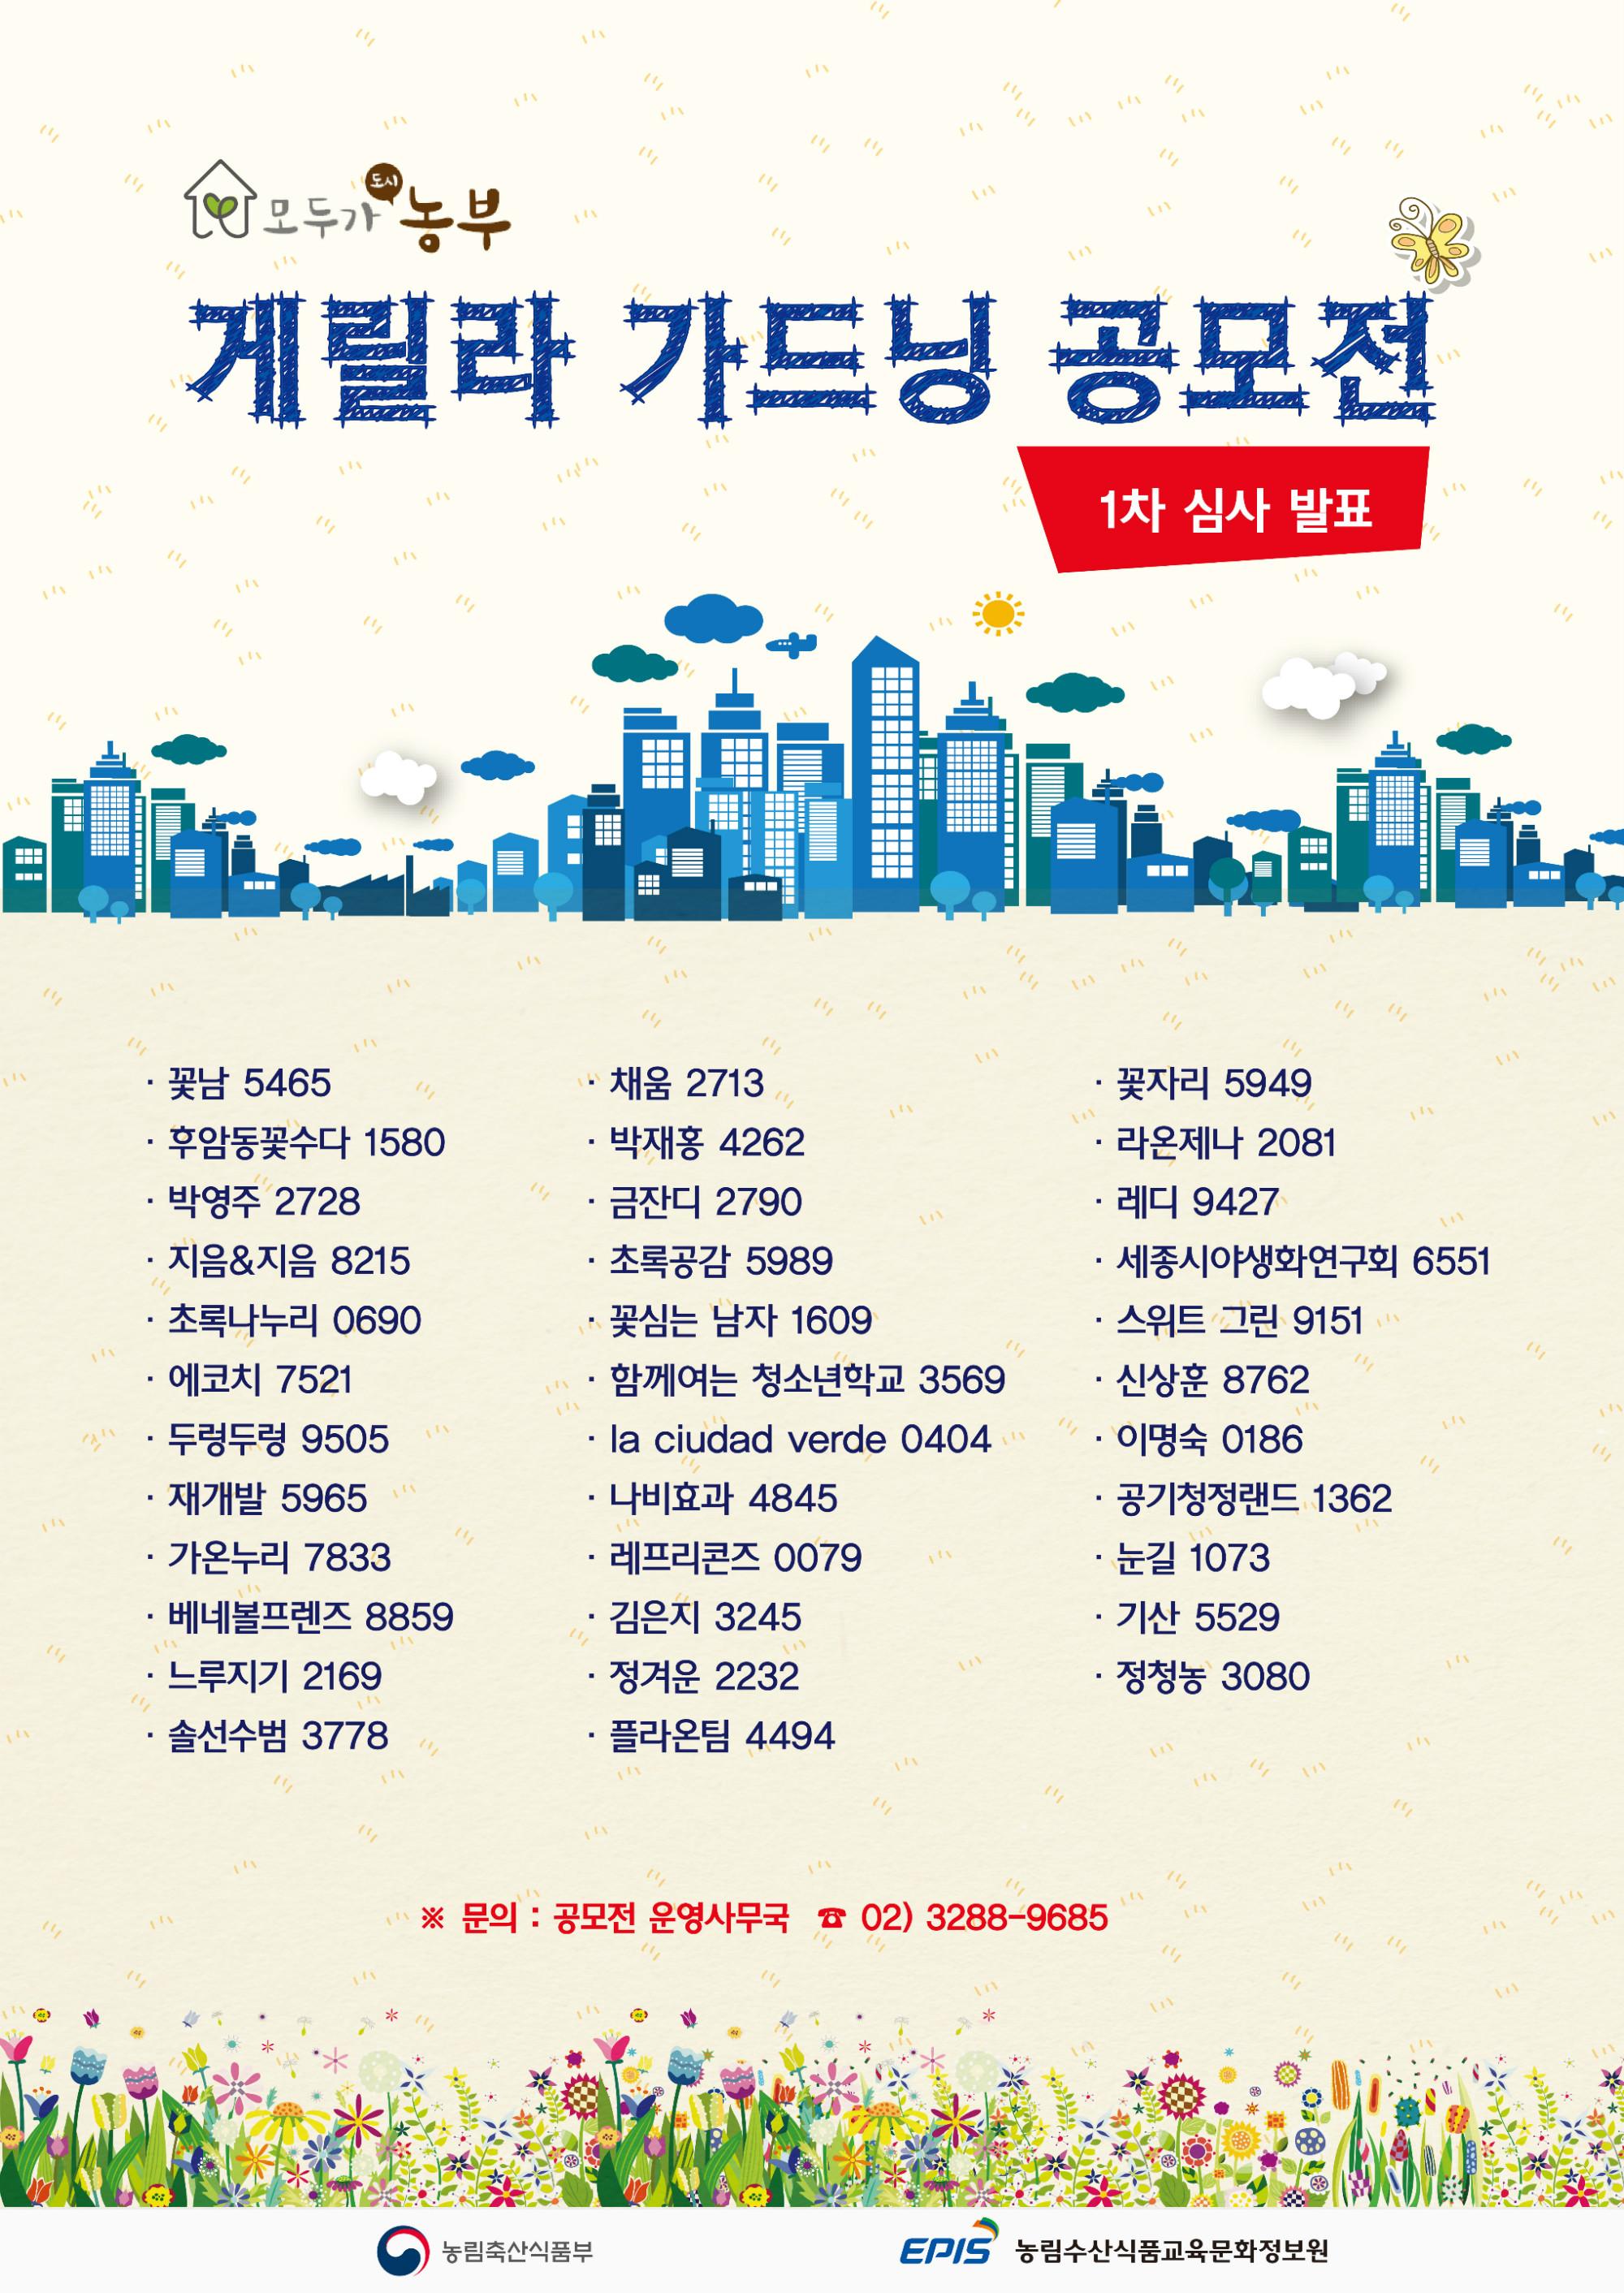 2017년 게릴라가드닝 공모전 선정자(35개 팀) 공지